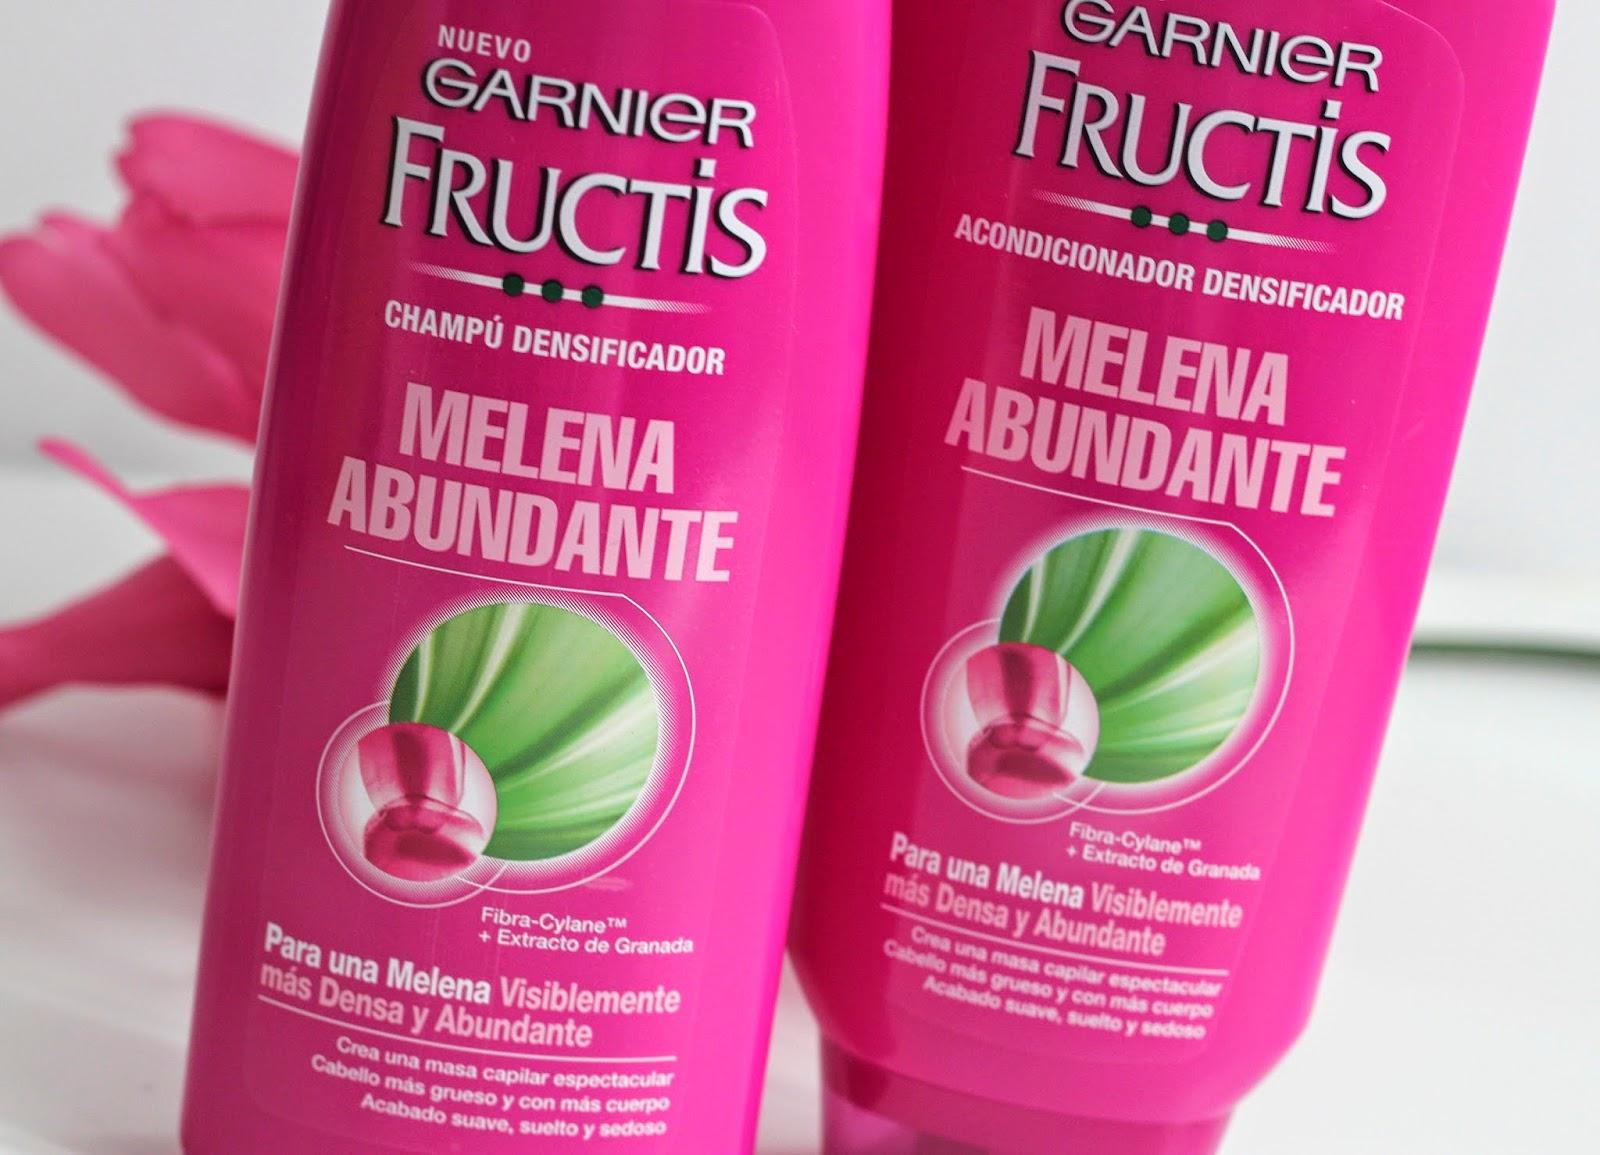 photo-Garnier-Fructis-Melena_Abundante-champú-acondicionador